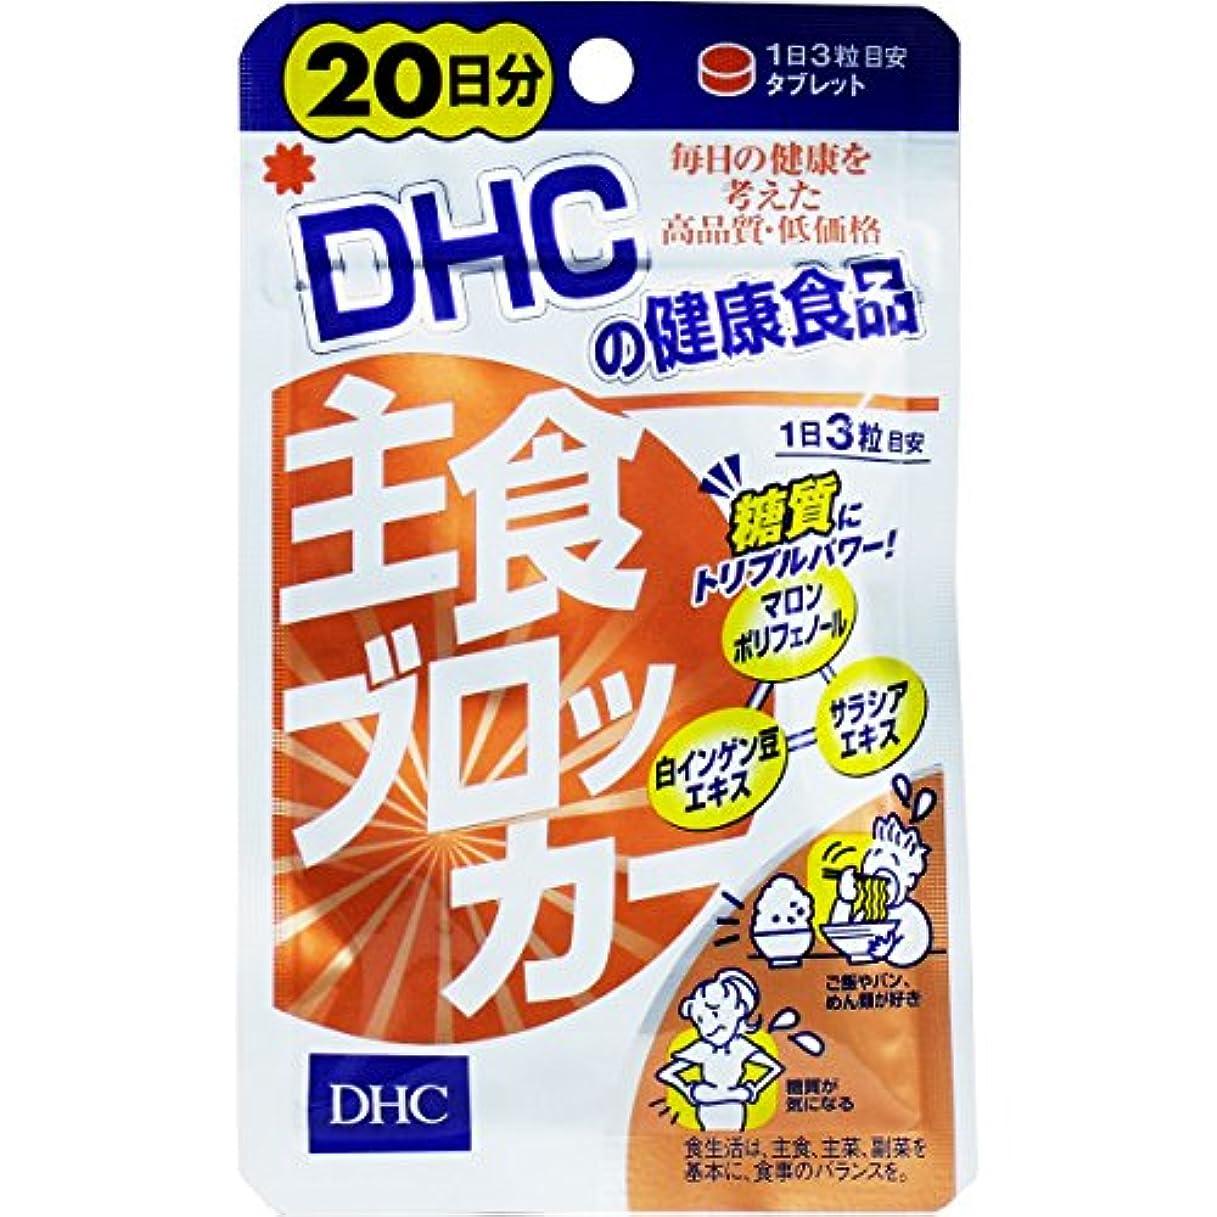 あたり速記中でダイエット トリプルパワーでため込み対策 栄養機能食品 DHC 主食ブロッカー 20日分 60粒入【5個セット】